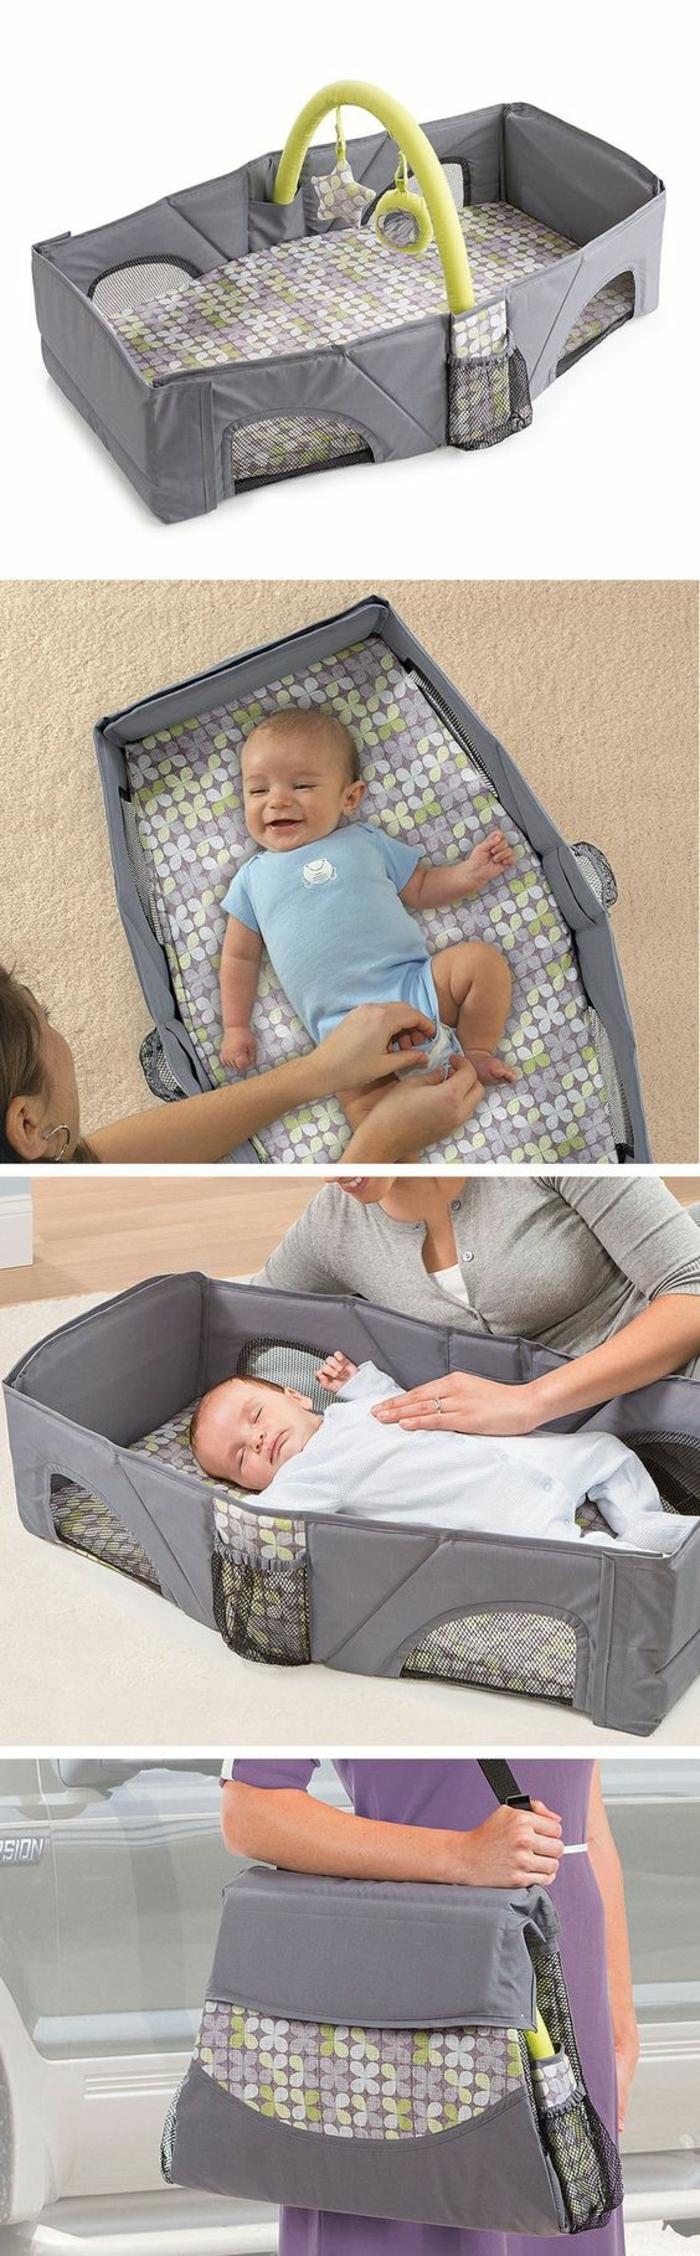 cadeau naissance personnalisé pour le sommeil de bébé et pour le transporter partout avec soi avec des rangeremnts pour les bouteilles de lait